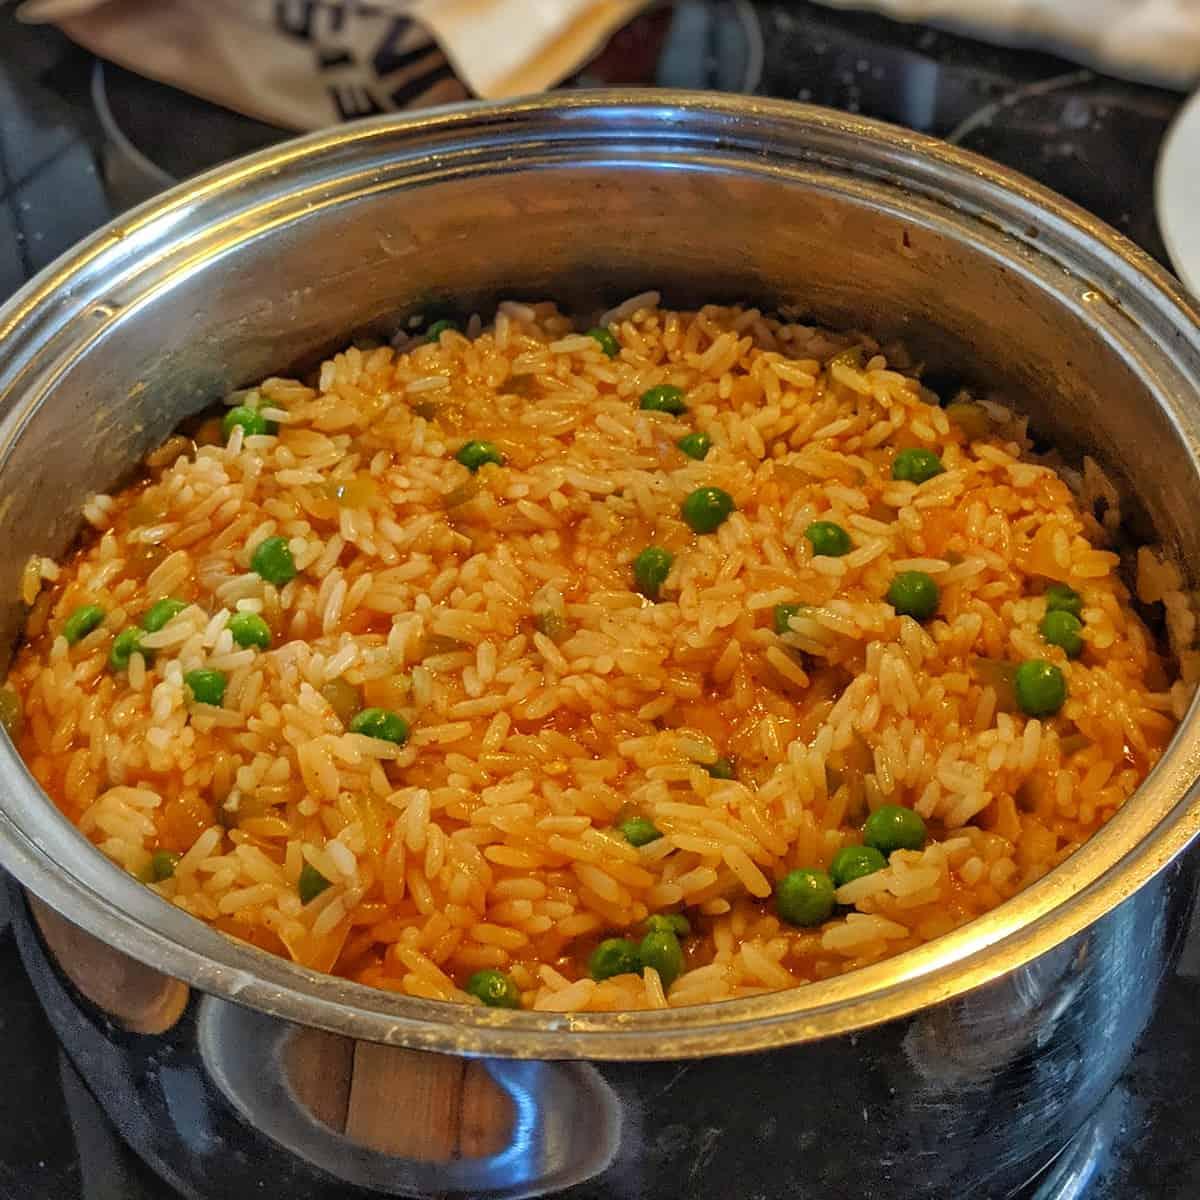 Ein Topf mit Djuvec Reis.